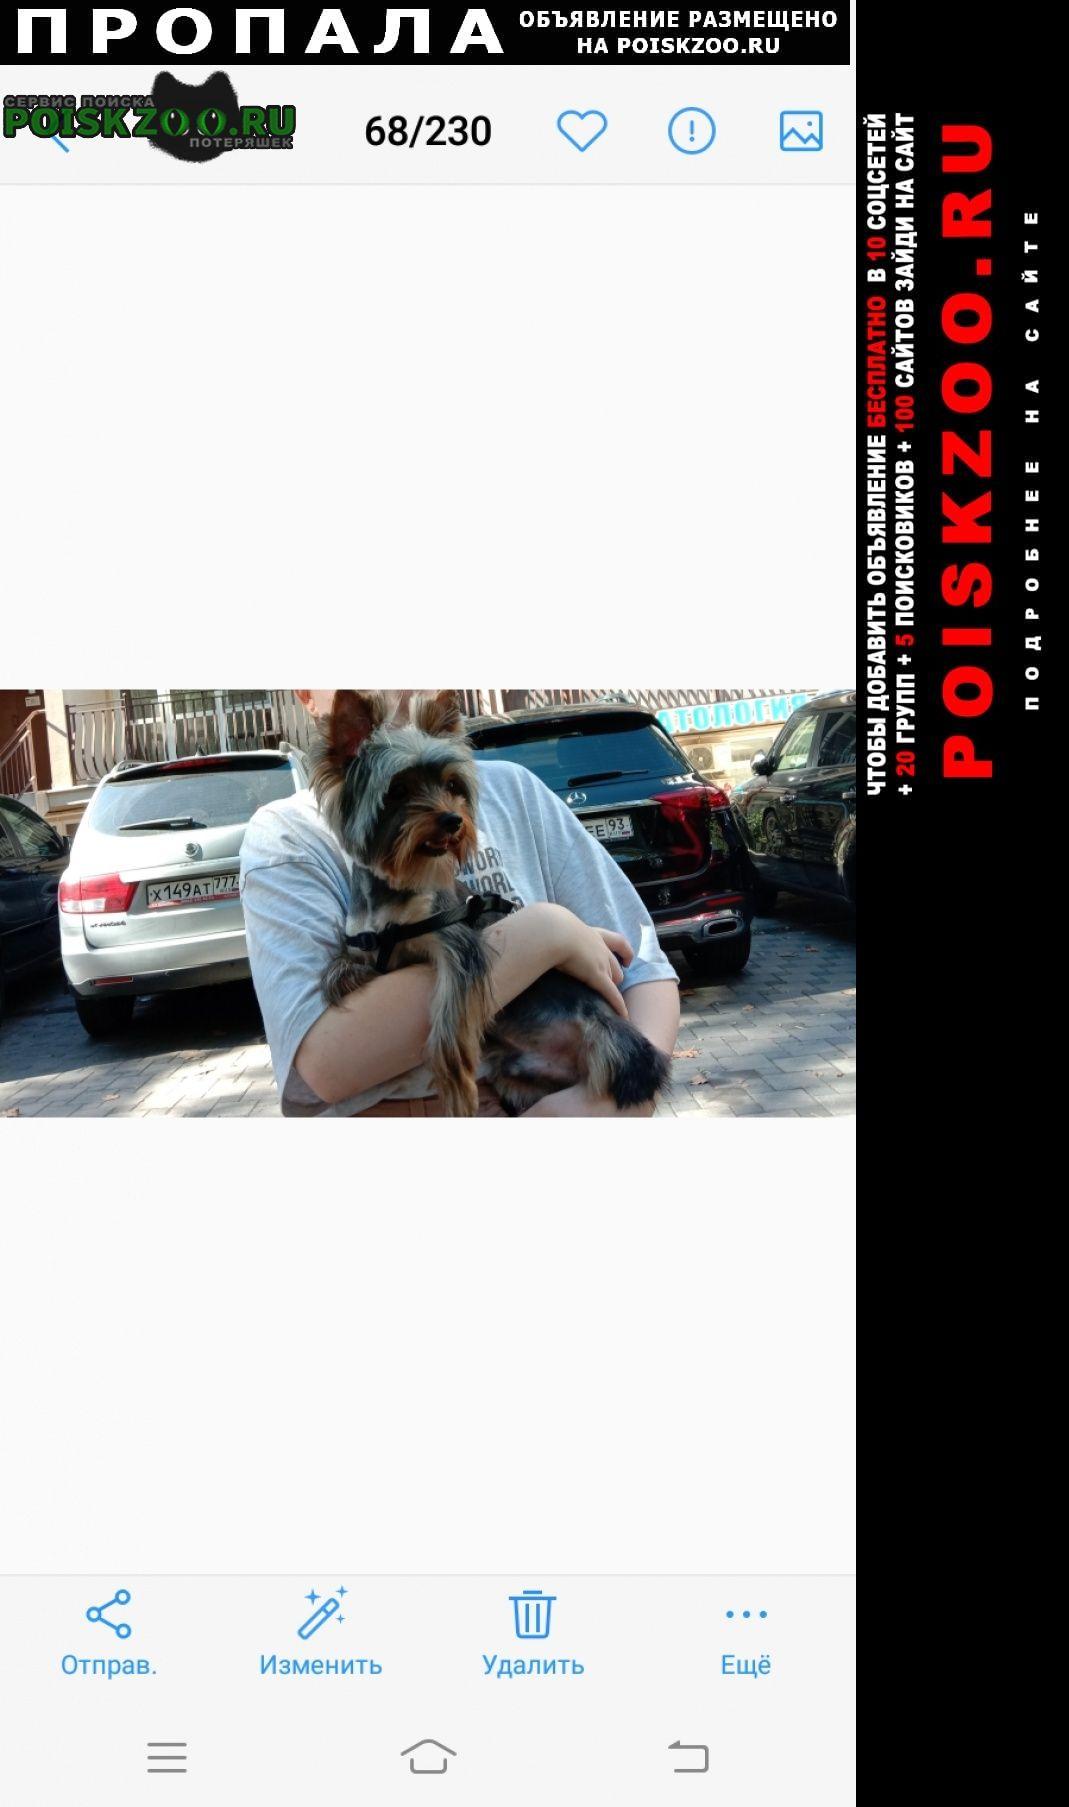 Пропала собака потерялась в районе ксм Сочи